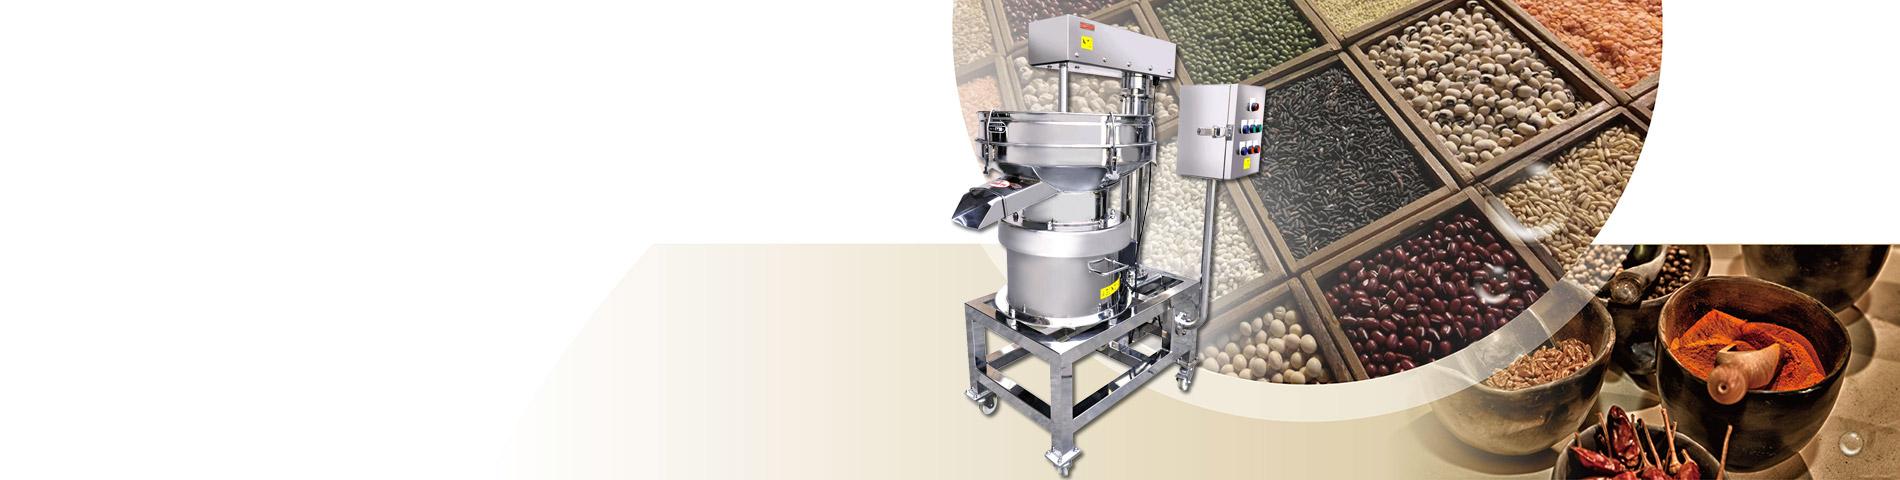 Comida y panadería    Industria de procesos